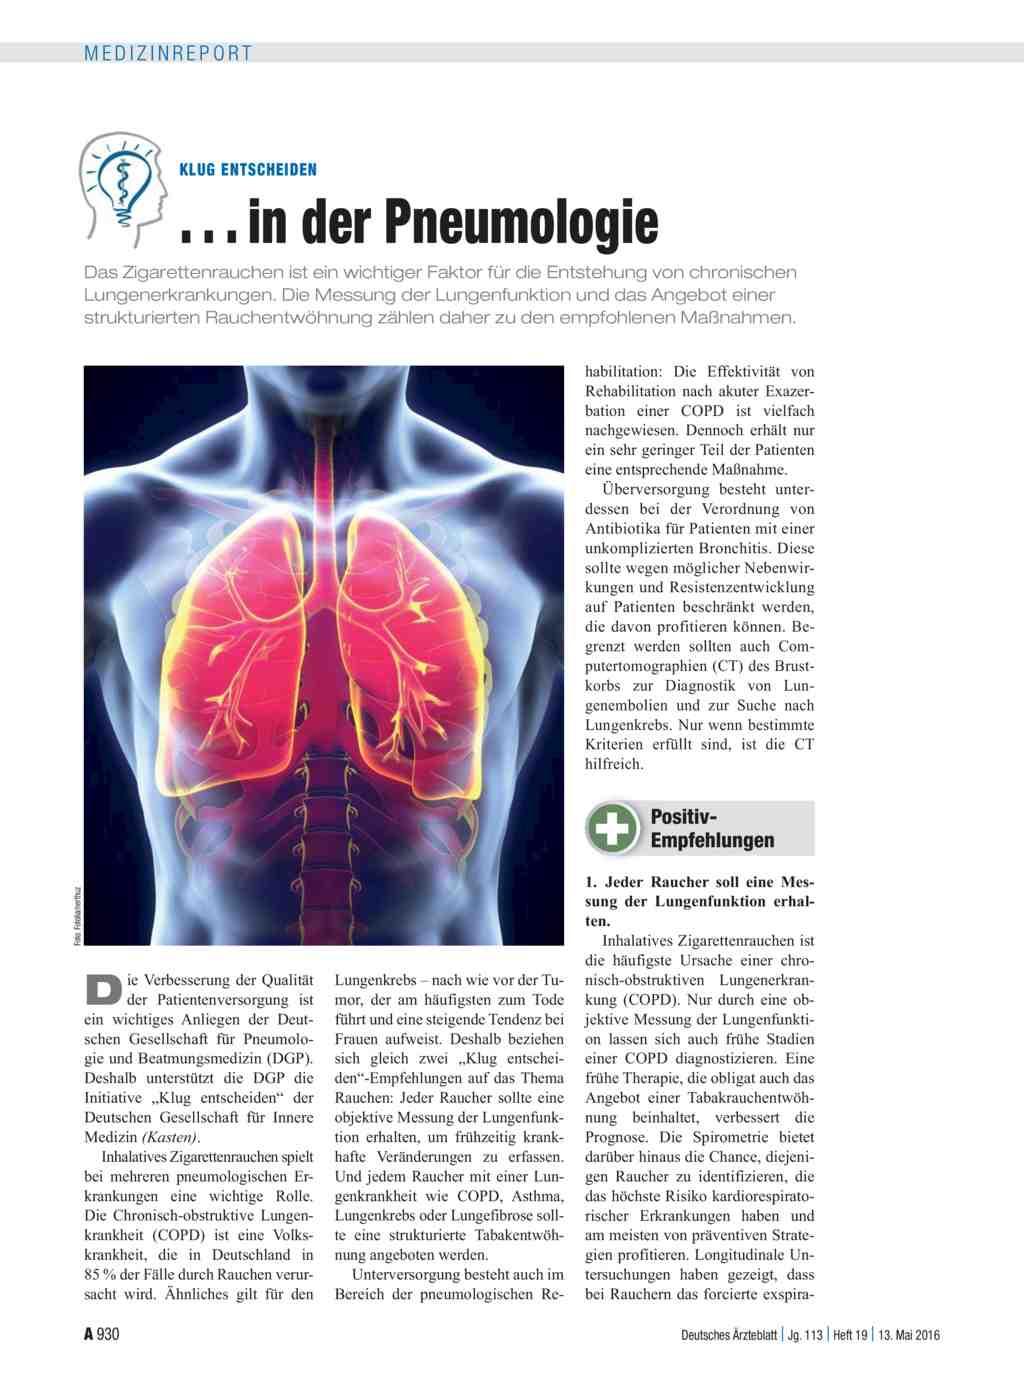 Klug entscheiden: . . . in der Pneumologie